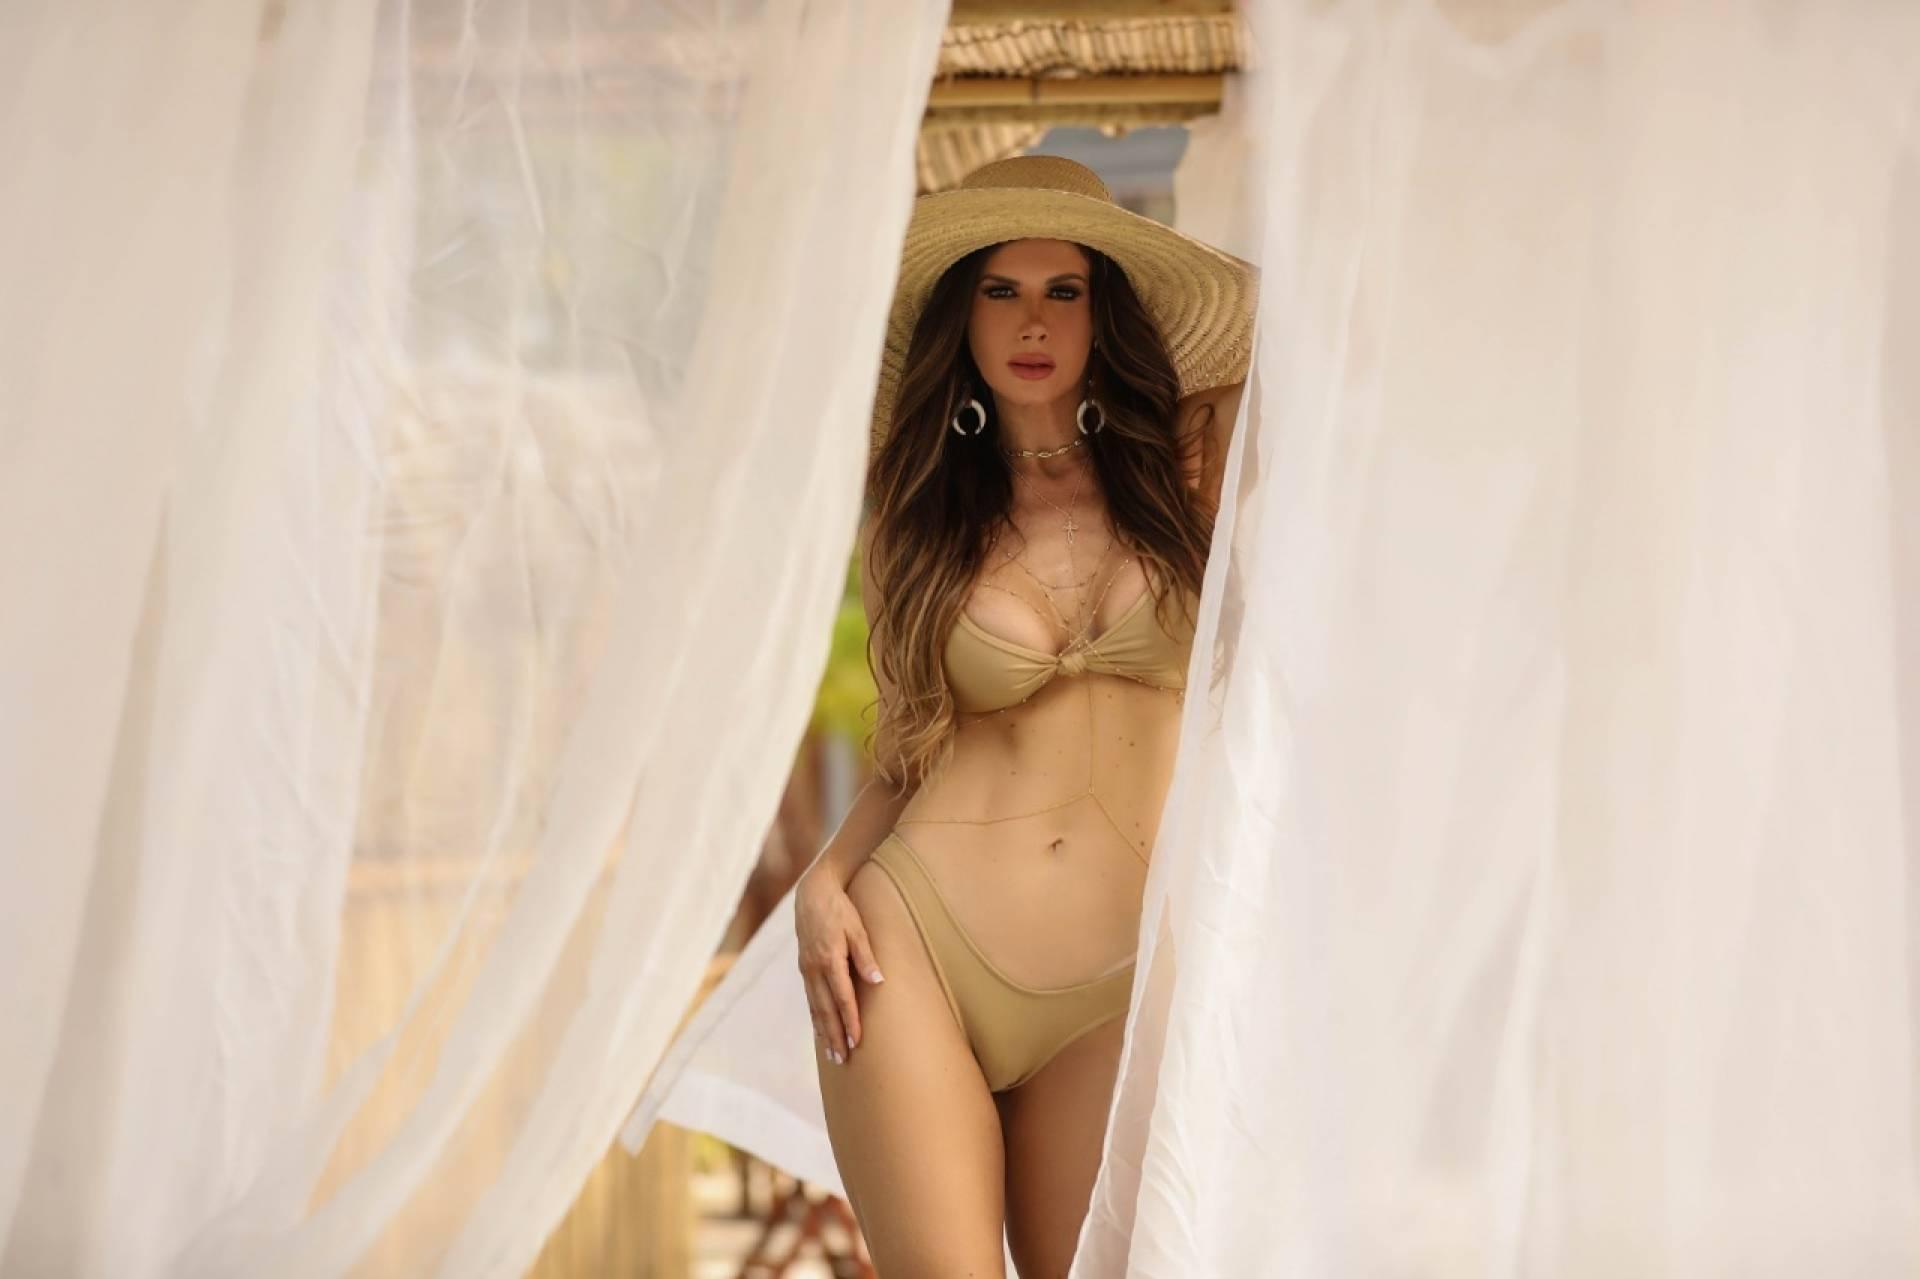 Modelo e ex-coelhinha da Playboy Márcia Spézia